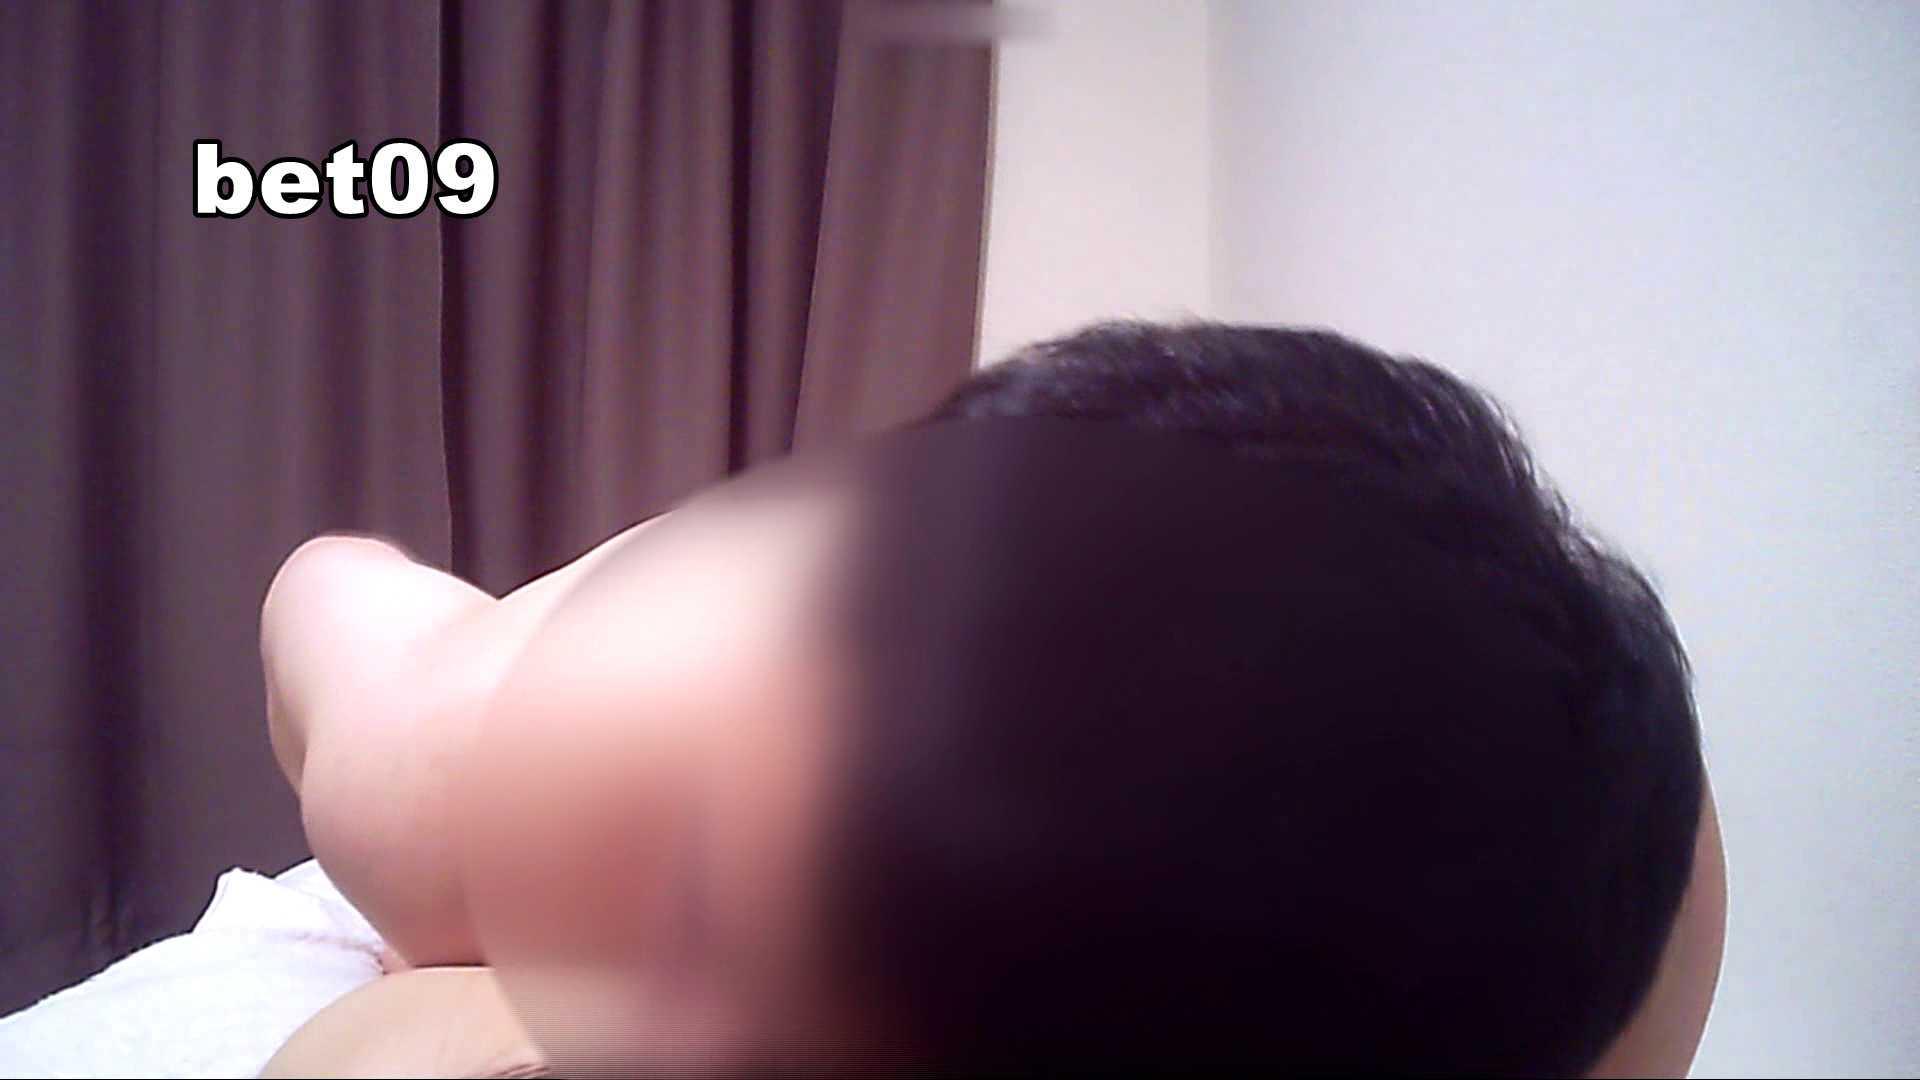 ミキ・大手旅行代理店勤務(24歳・仮名) vol.09 ミキの顔が紅潮してきます セックス AV無料動画キャプチャ 86枚 20